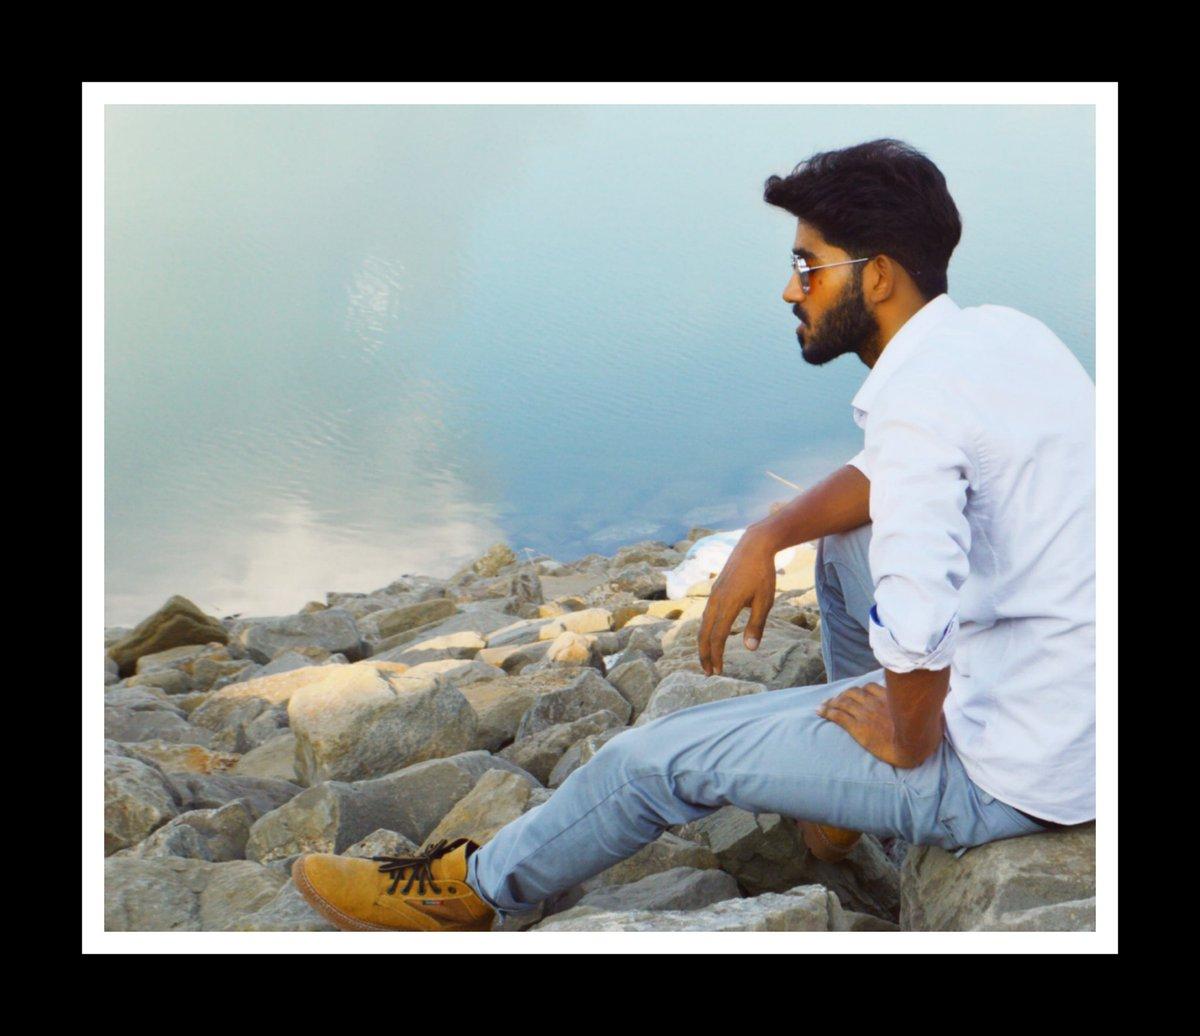 Good morning ❤ . . . #azadkashmivelly #kashmirviwe #johnchristajk #kashmirlife  #akashSamuel #travel #traveler #Mirpur #MirpurAJK #photoshoot #photograph #MirpurAJK #lake https://t.co/2JVFWM0ksc